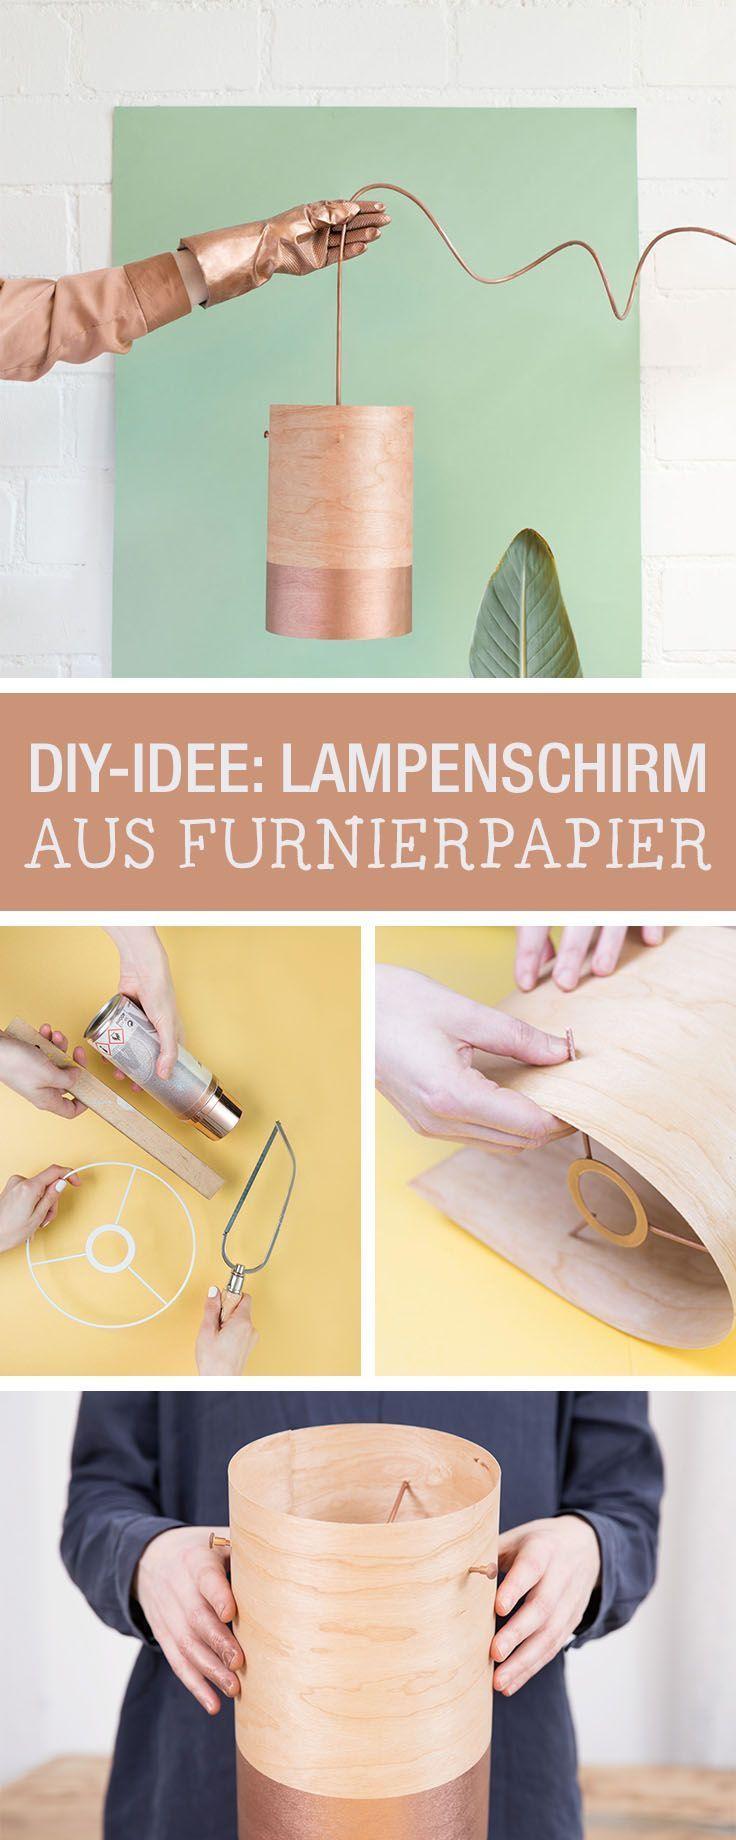 Wohnkultur design bilder diy instruction herstellung von lampenschirm aus furnierpapier